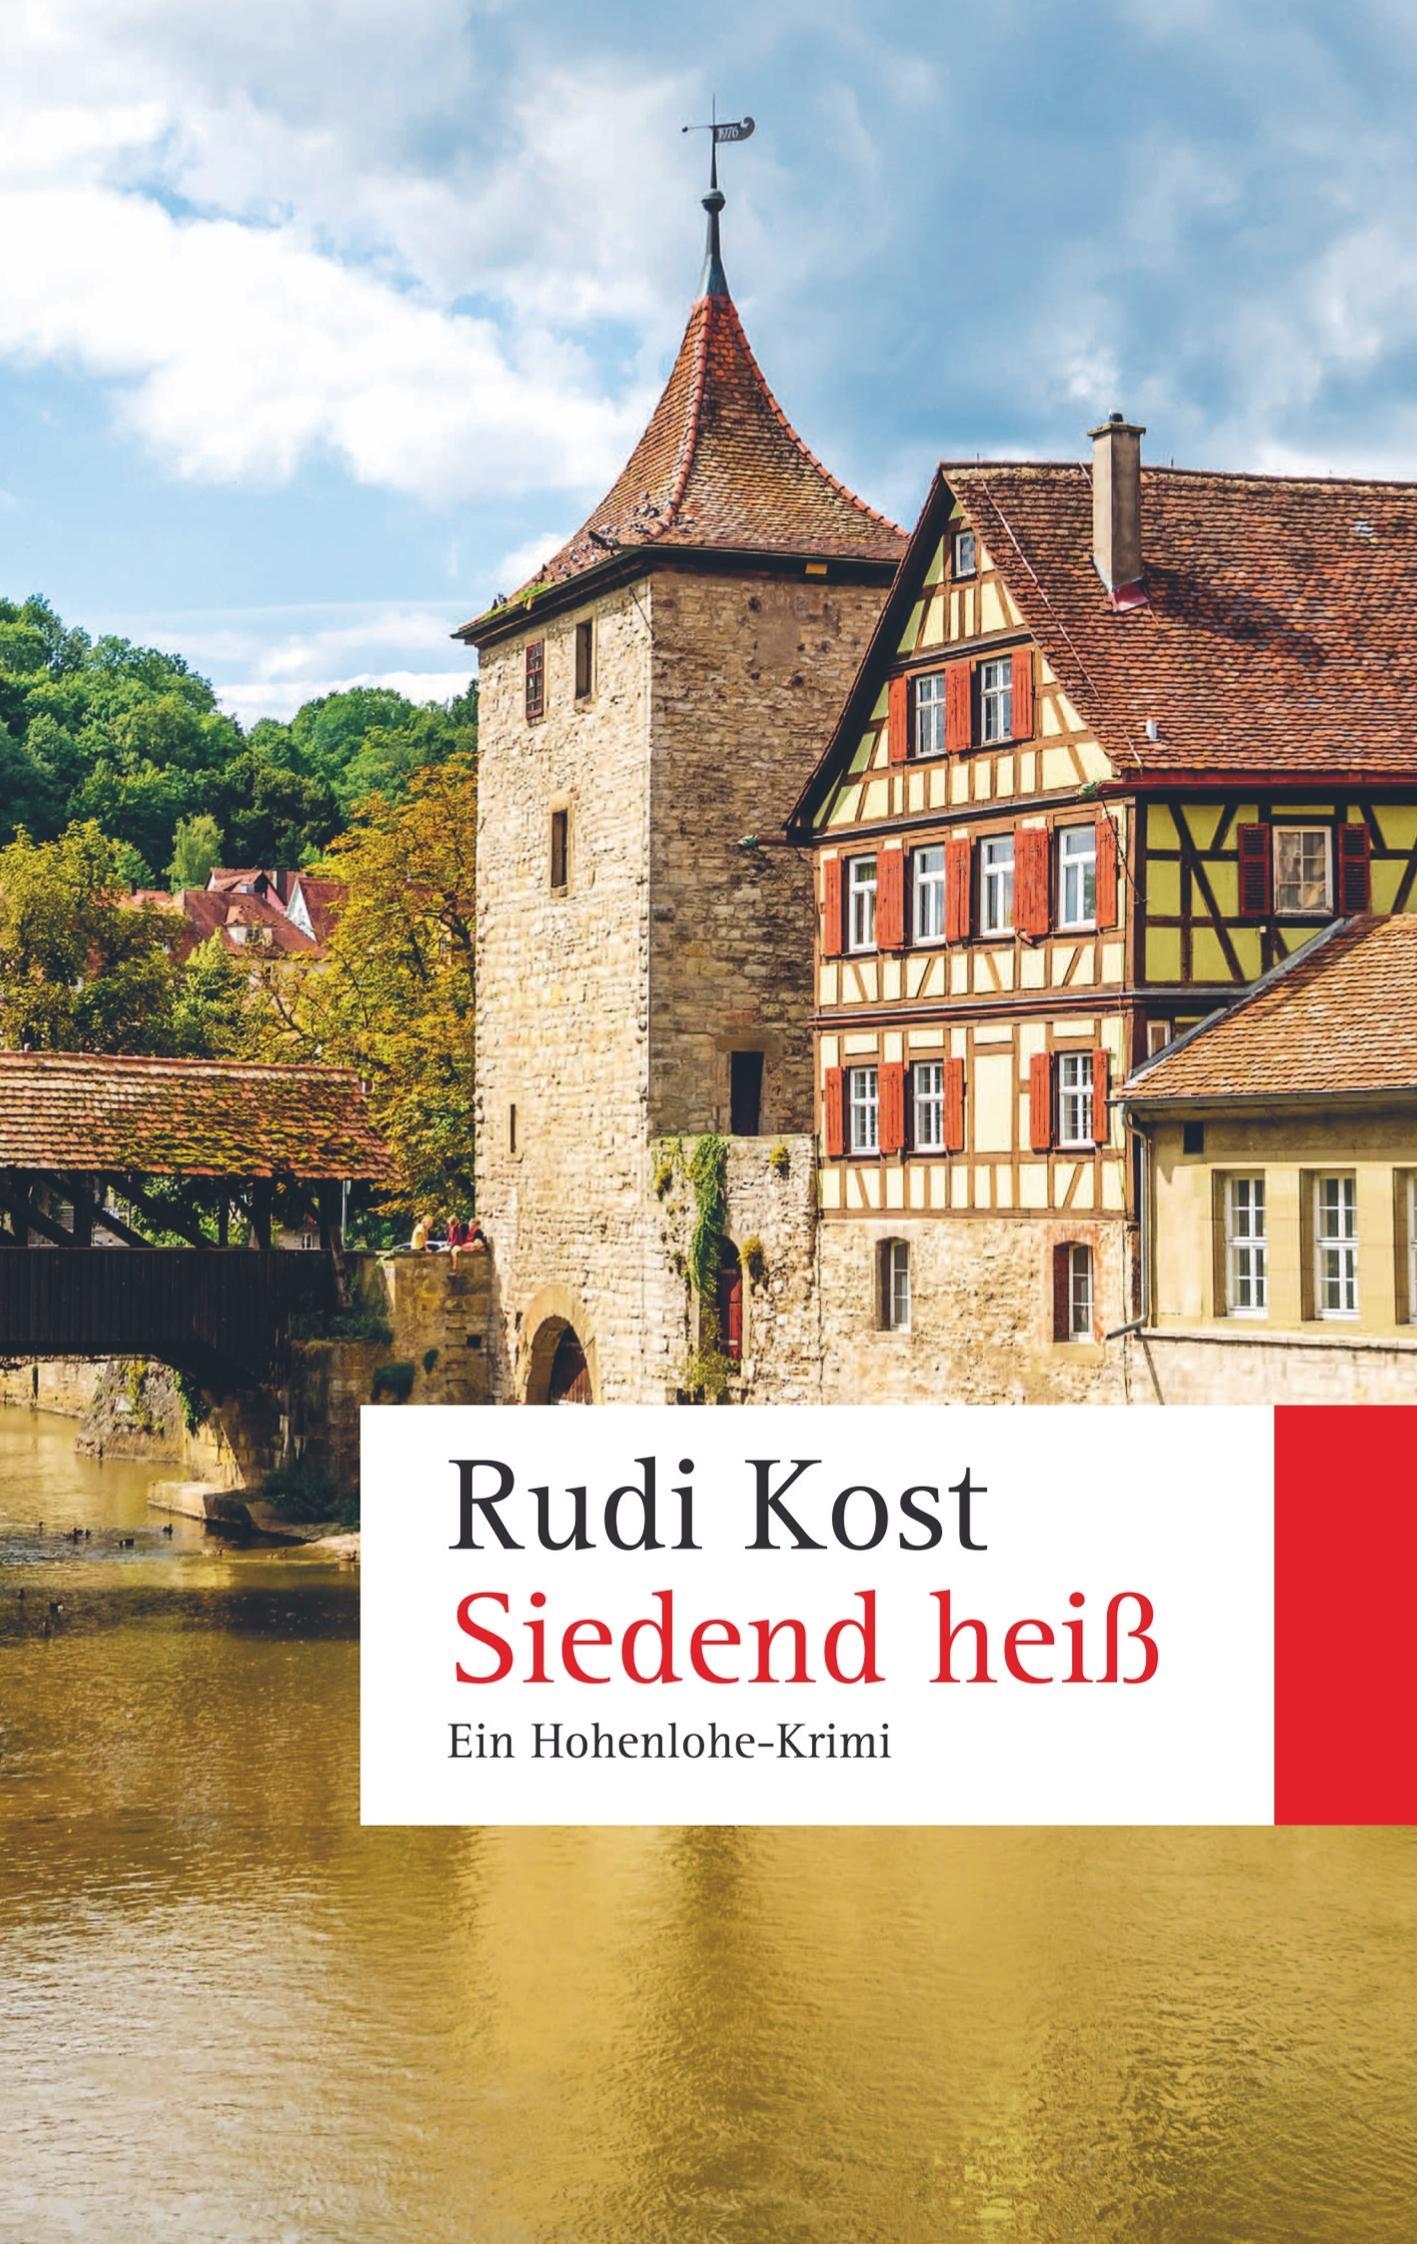 Siedend-heiss-Rudi-Kost-Taschenbuch-Paperback-Deutsch-2017